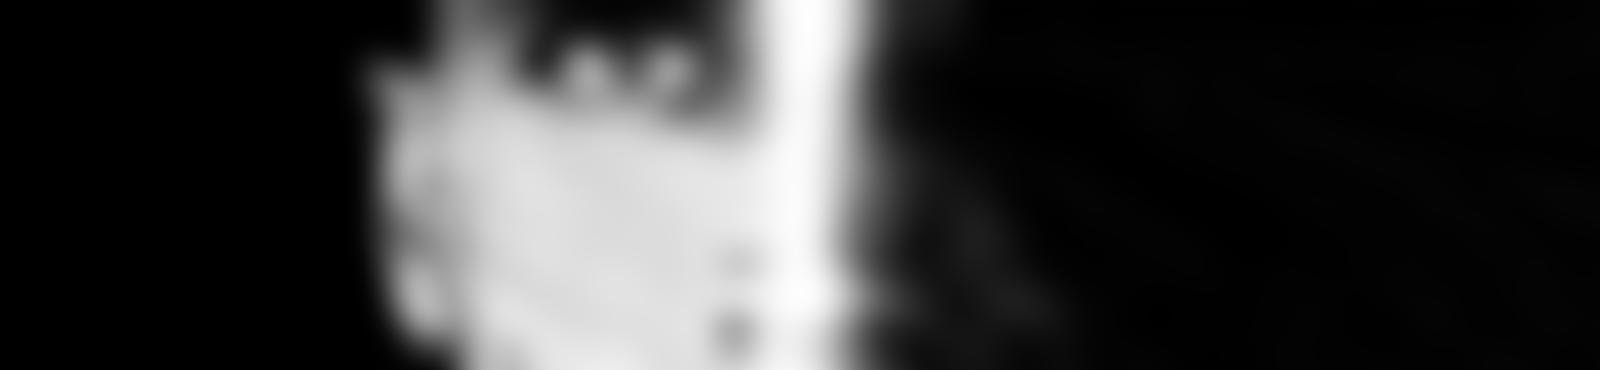 Blurred df0a0476 0163 4ee0 91ce 09f6f98440a3